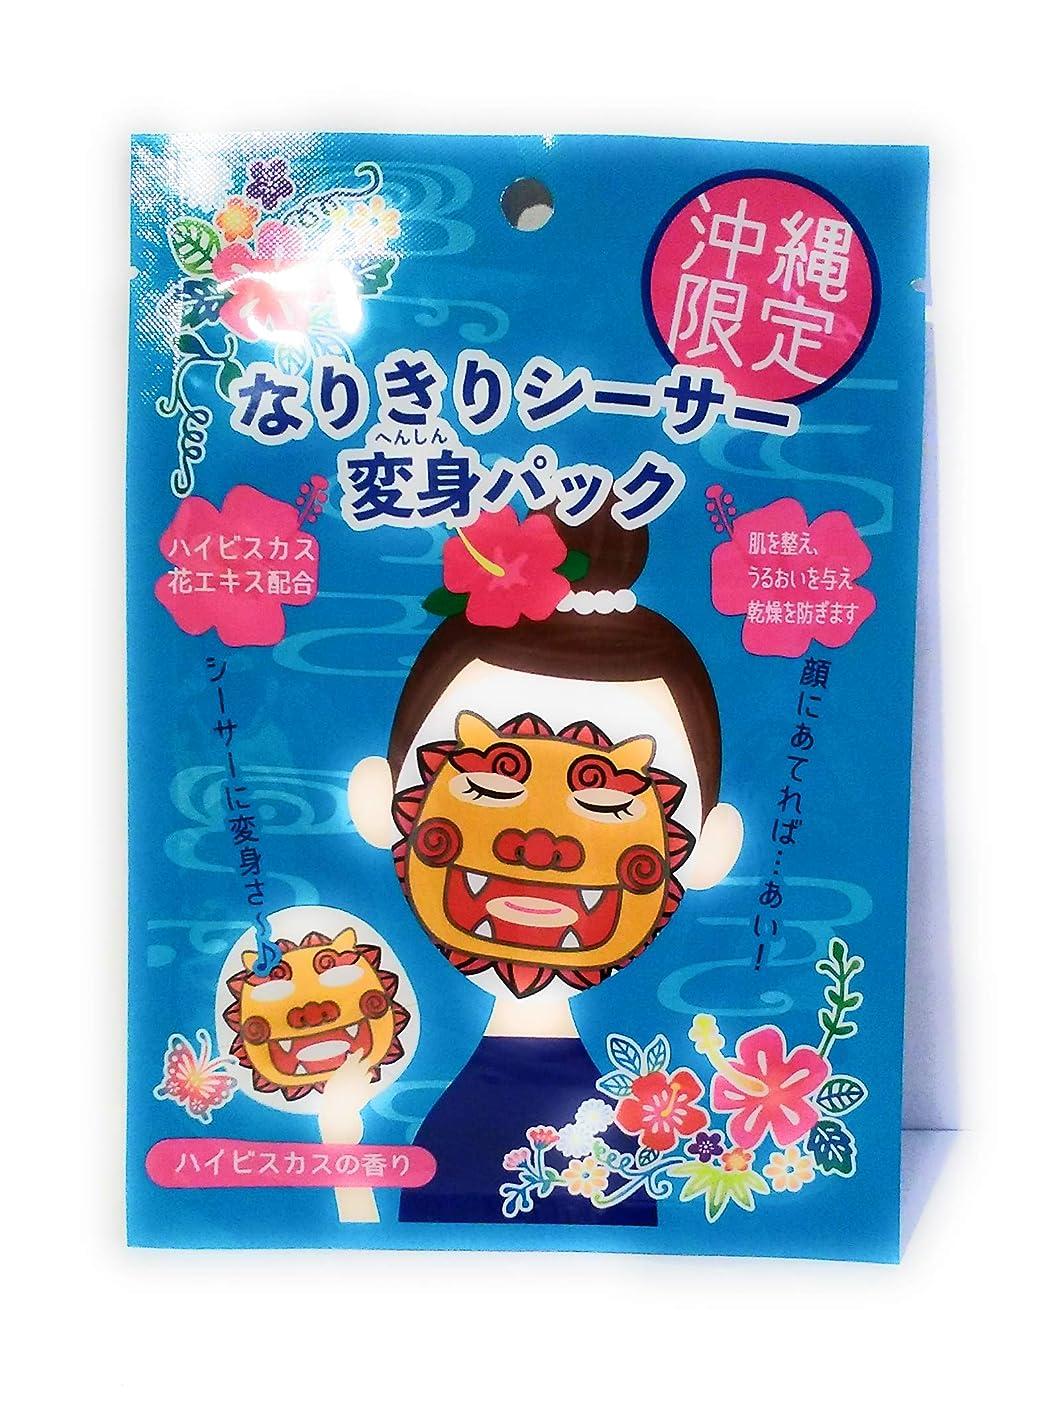 サミュエルゴミ箱する沖縄限定 なりきりシーサー変身パック ハイビスカスの香り